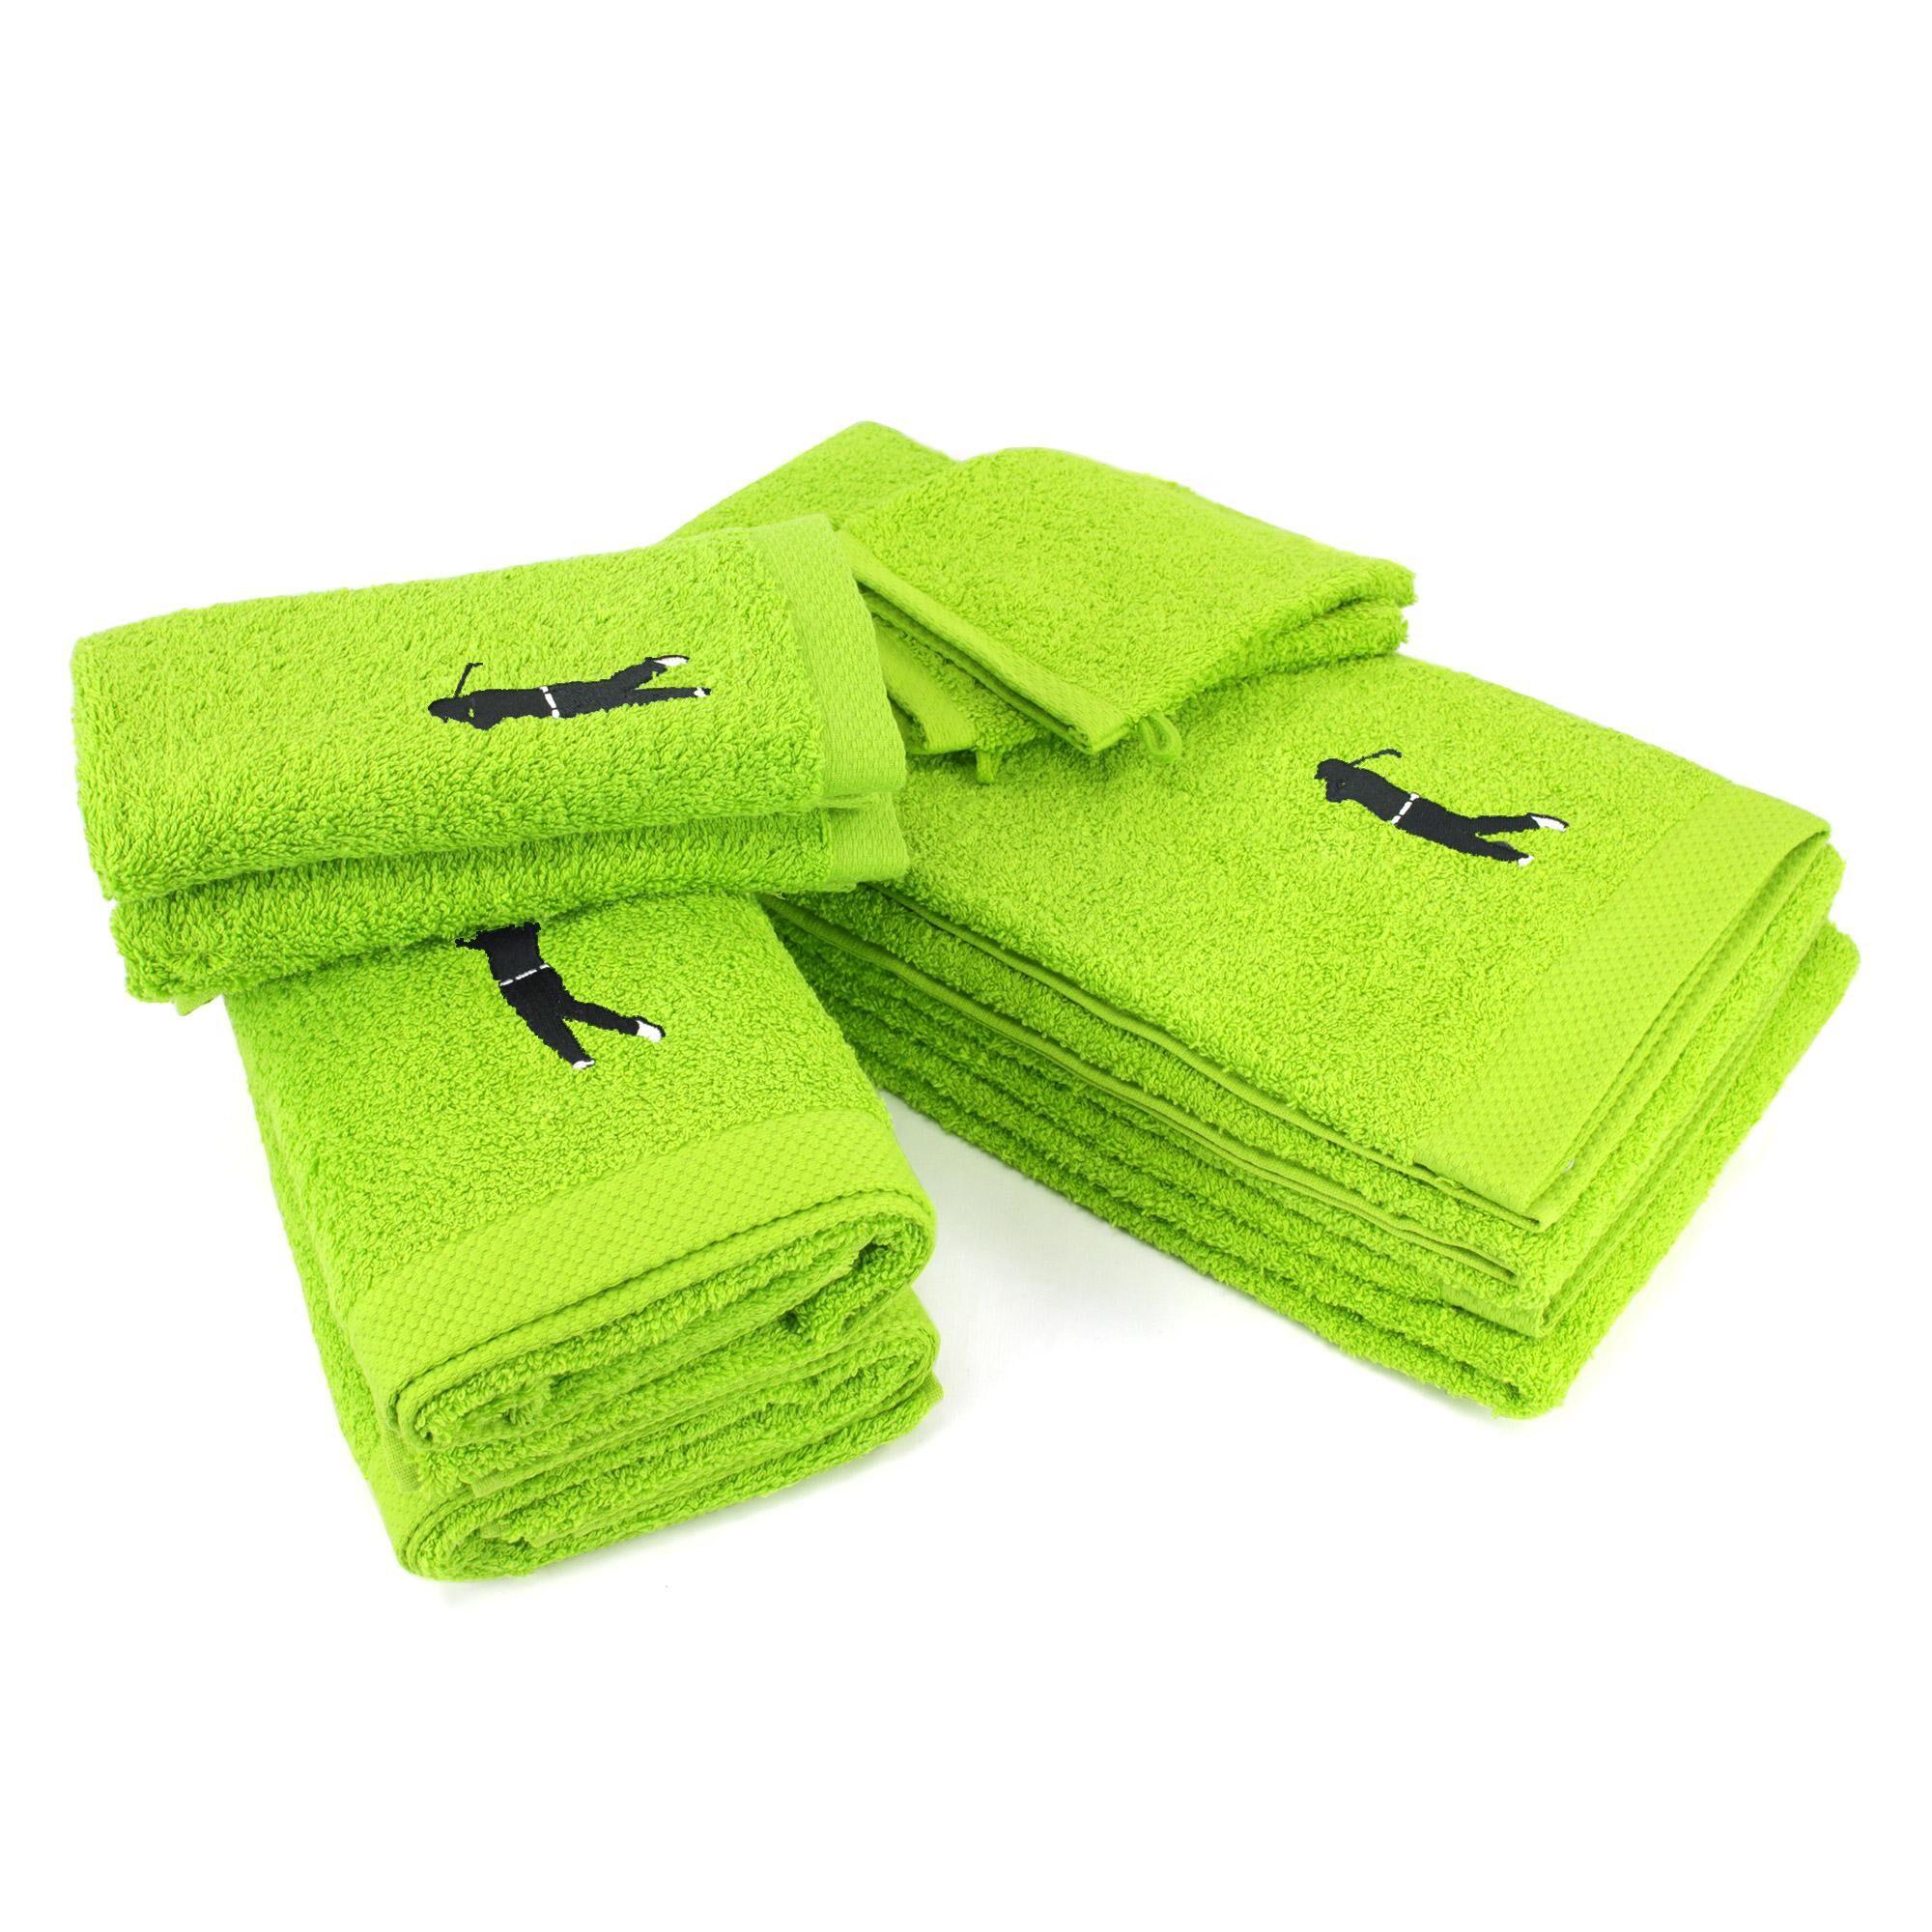 Linnea Parure de bain 8 pièces 100% coton 550 g/m2 PURE GOLF Vert Pistache